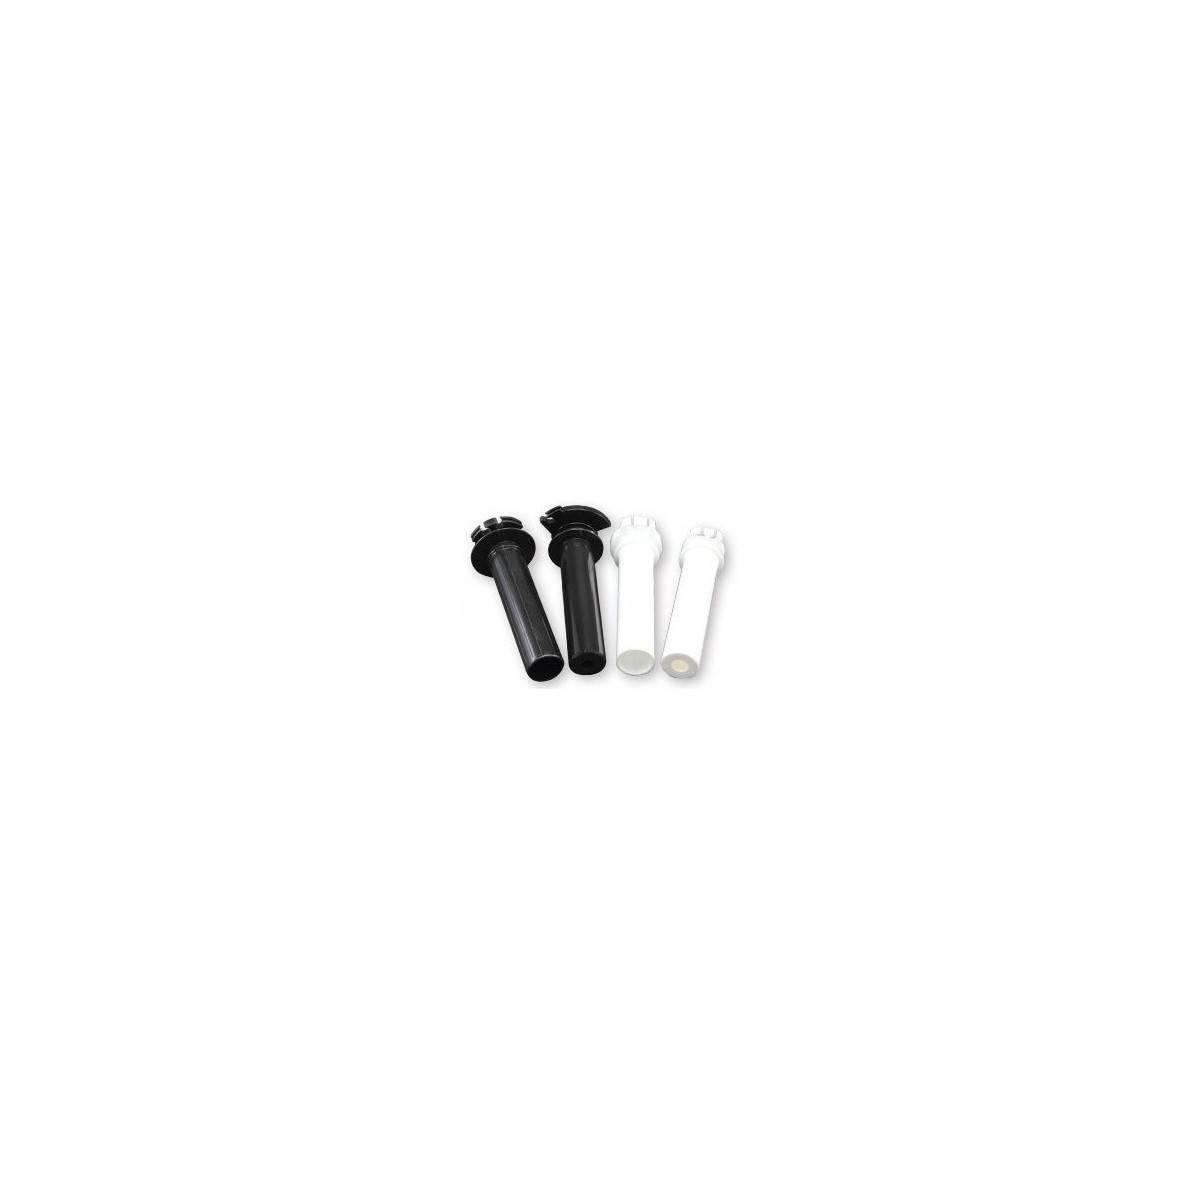 ZE45.8008 - Caña Gas Plastico Kx 03 08